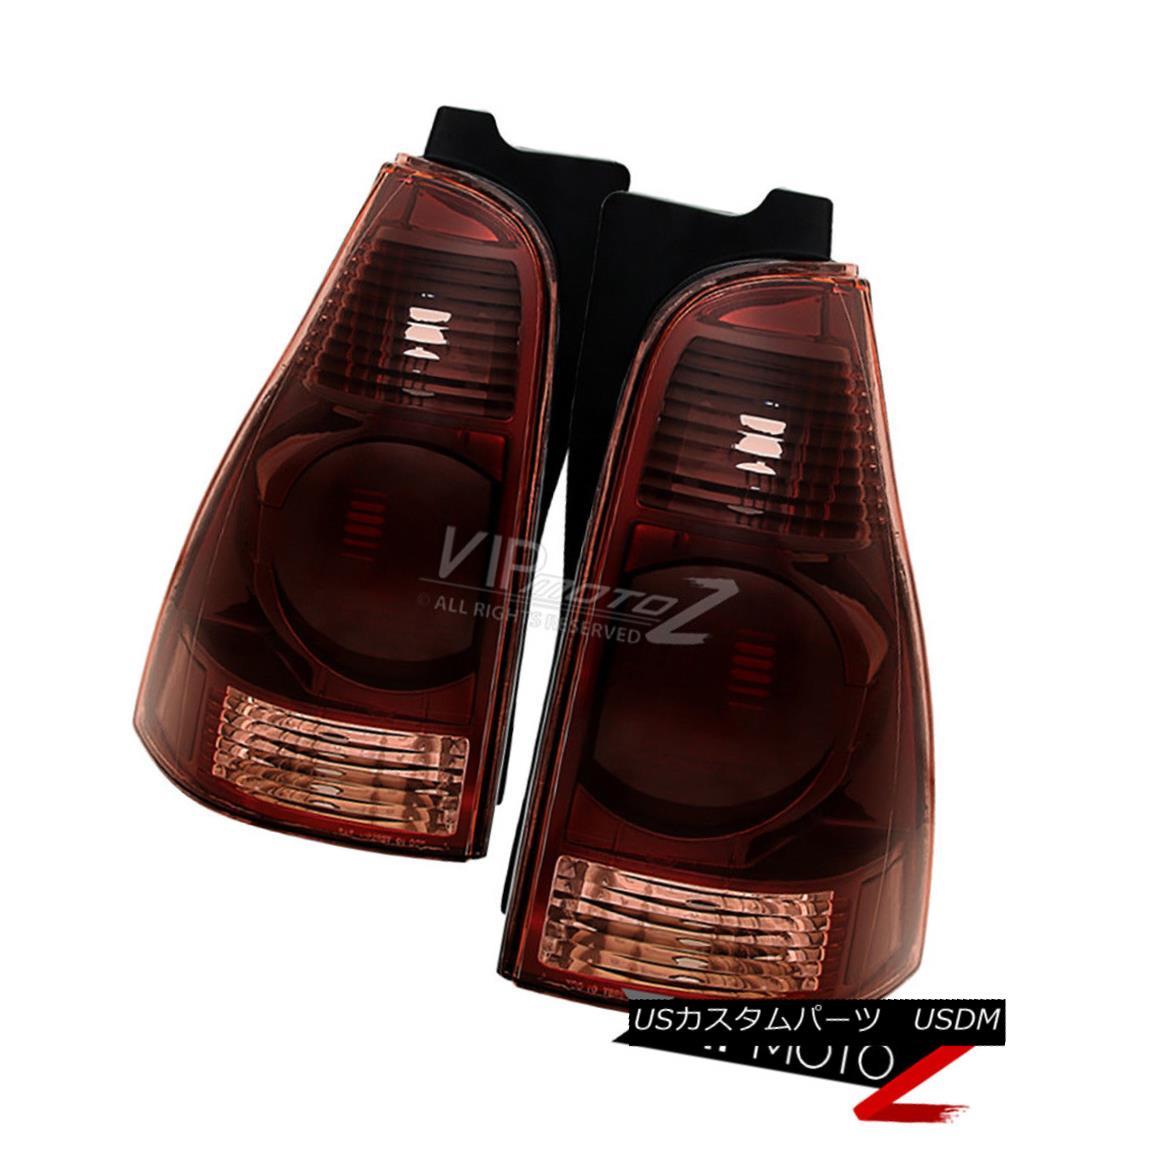 テールライト 2003-2005 4Runner SR5 Sport Factory Style Tail Lights Left Right Dark Smoke Tint 2003 - 2005年4Runner SR5スポーツ工場スタイルのテールライトは、右の左の暗い煙の色合い